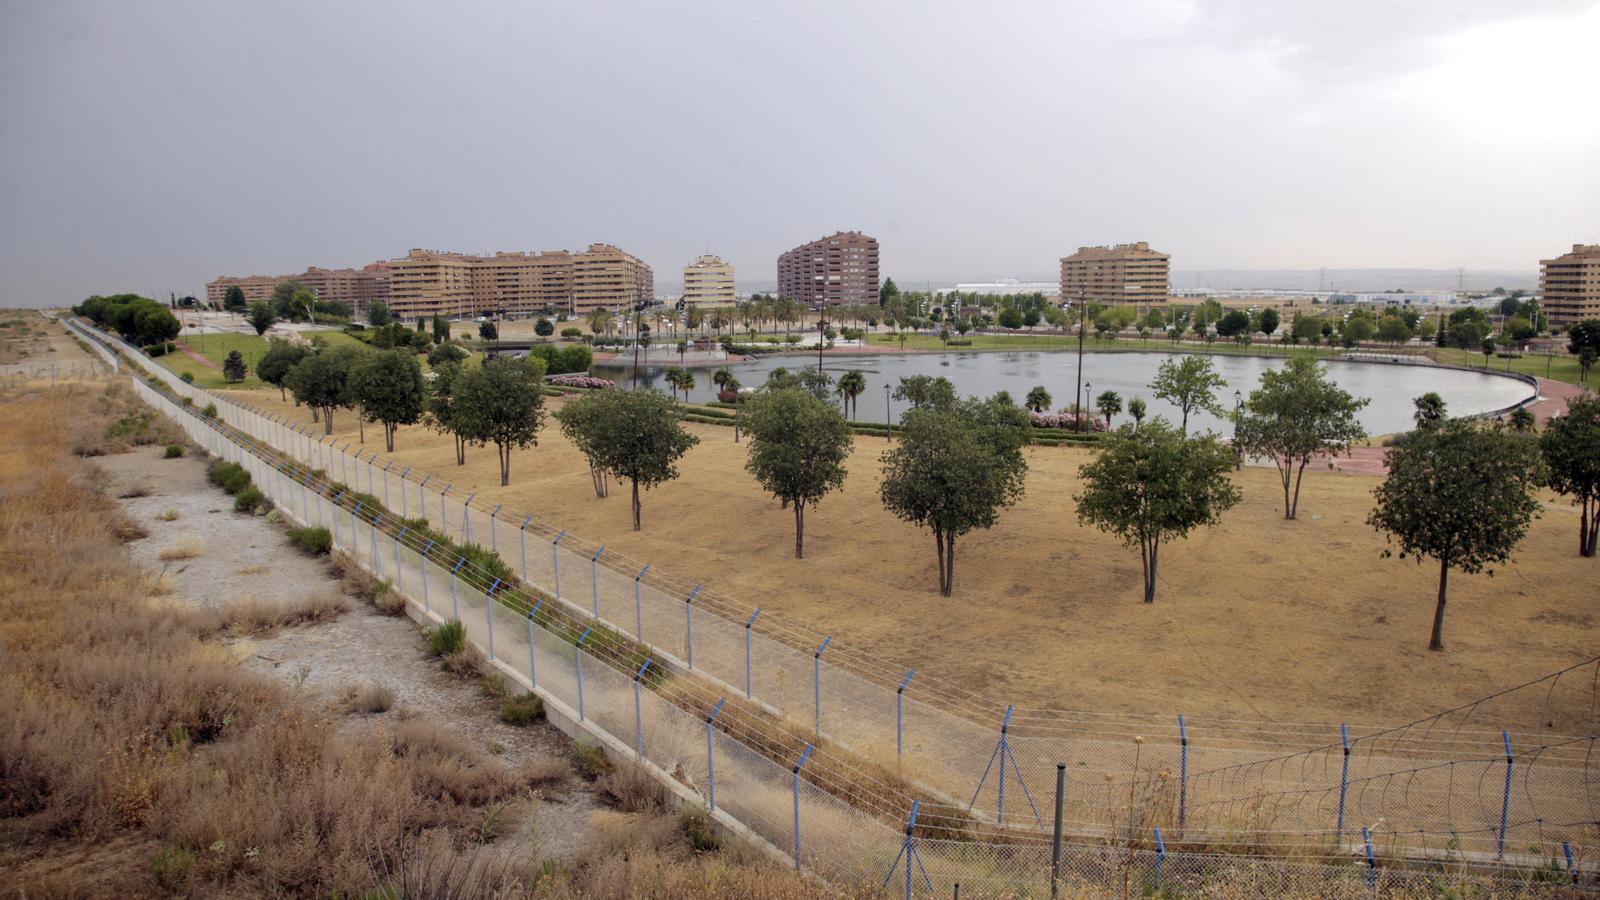 ista general de la zona d'El Quiñón, símbol del boom immobiliari abans de l'esclat de la bombolla